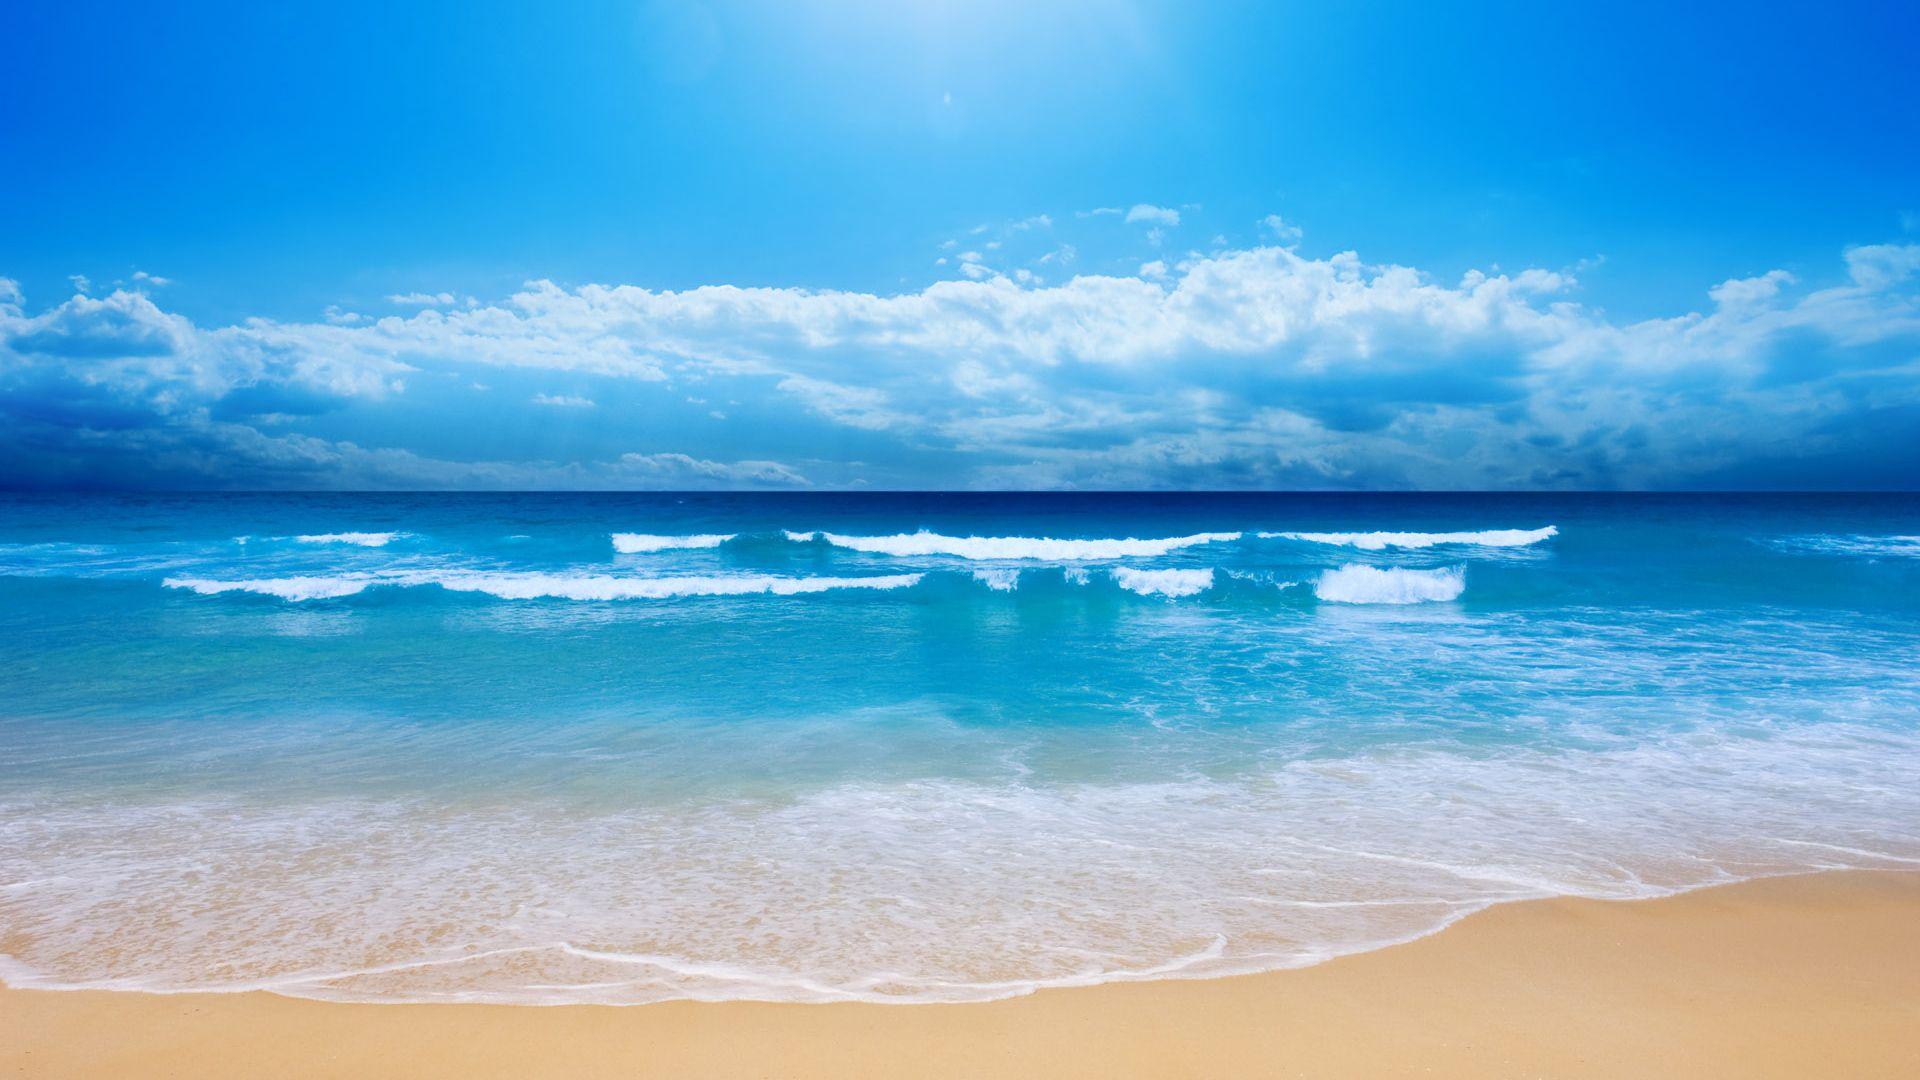 Gambar Pemandangan Pantai Pantai Pemandangan Gambar